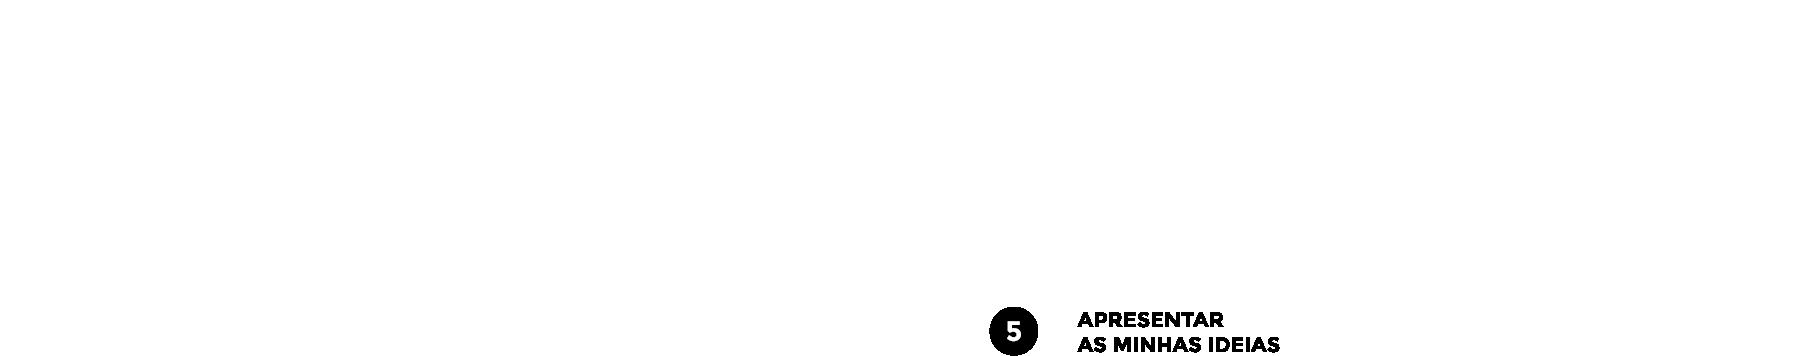 header-home-schrift-animation10